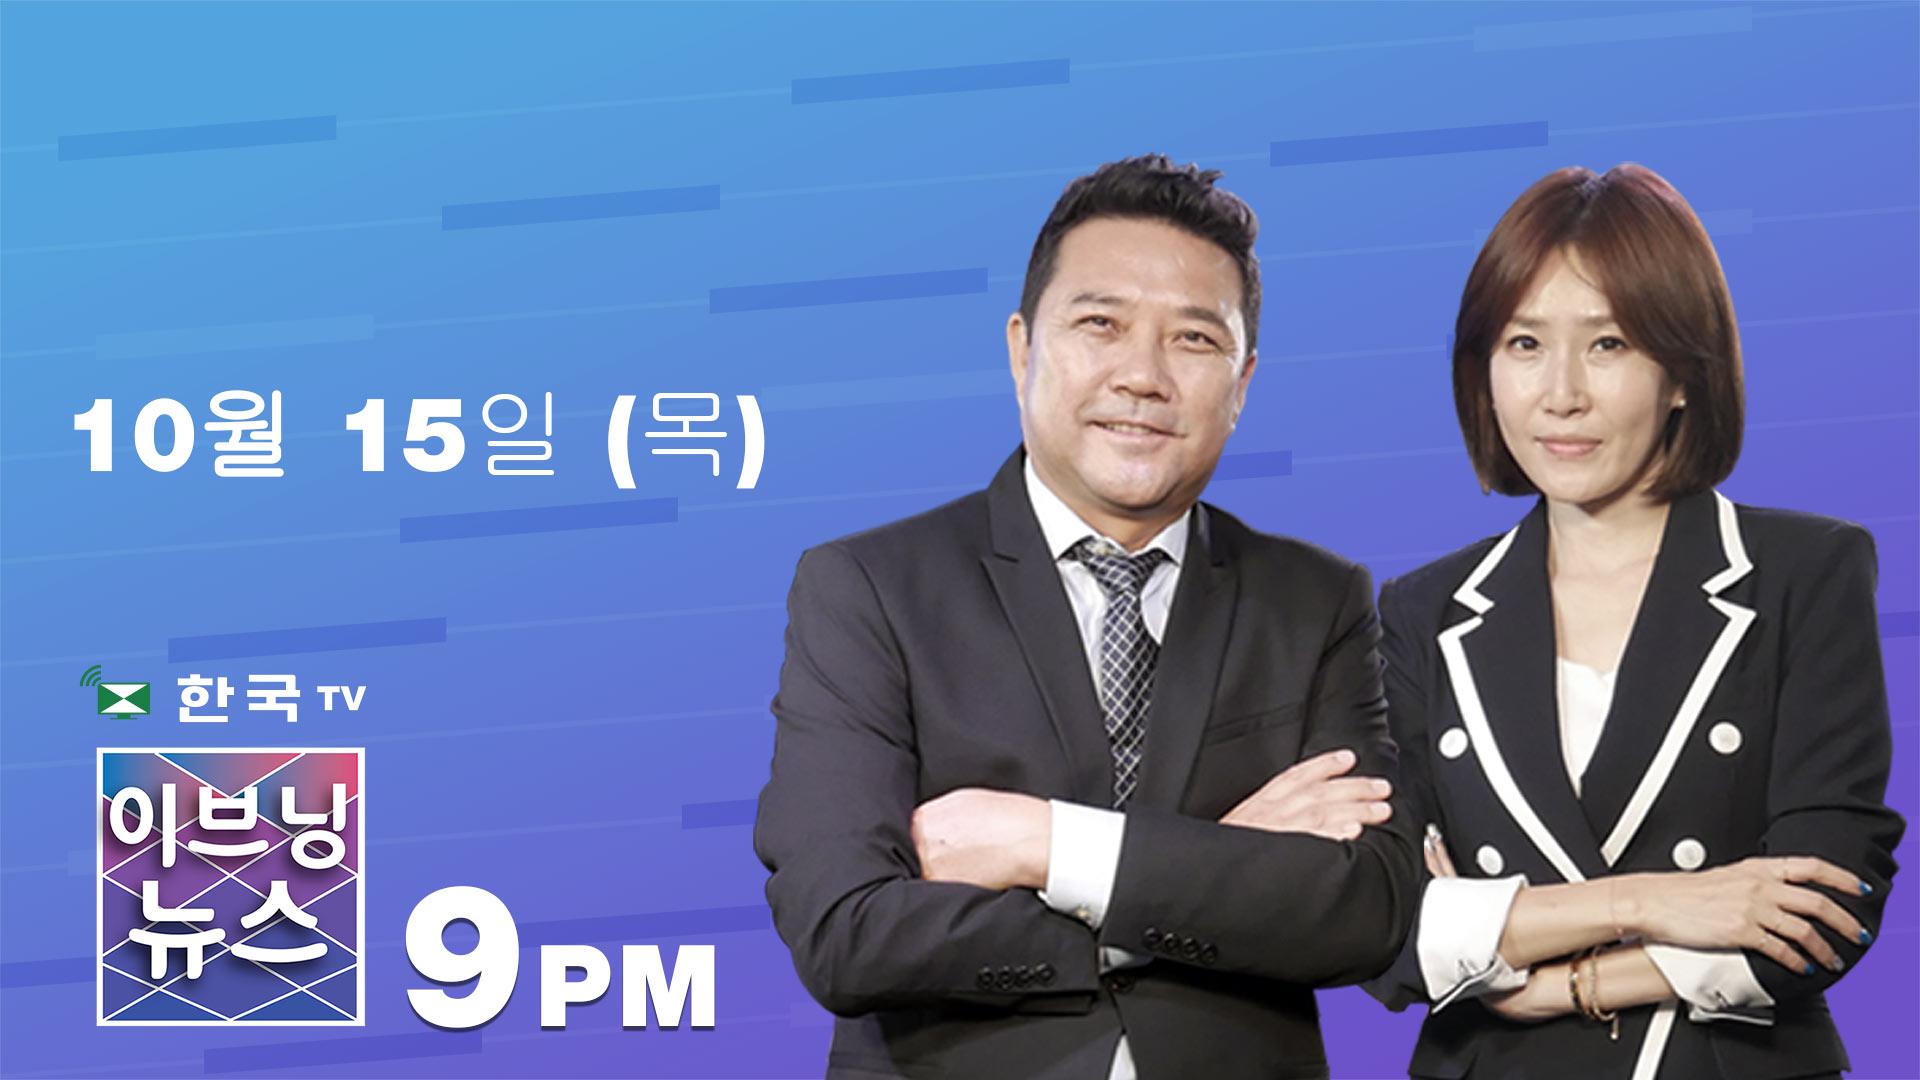 (10.15.2020) 한국TV 이브닝 뉴스